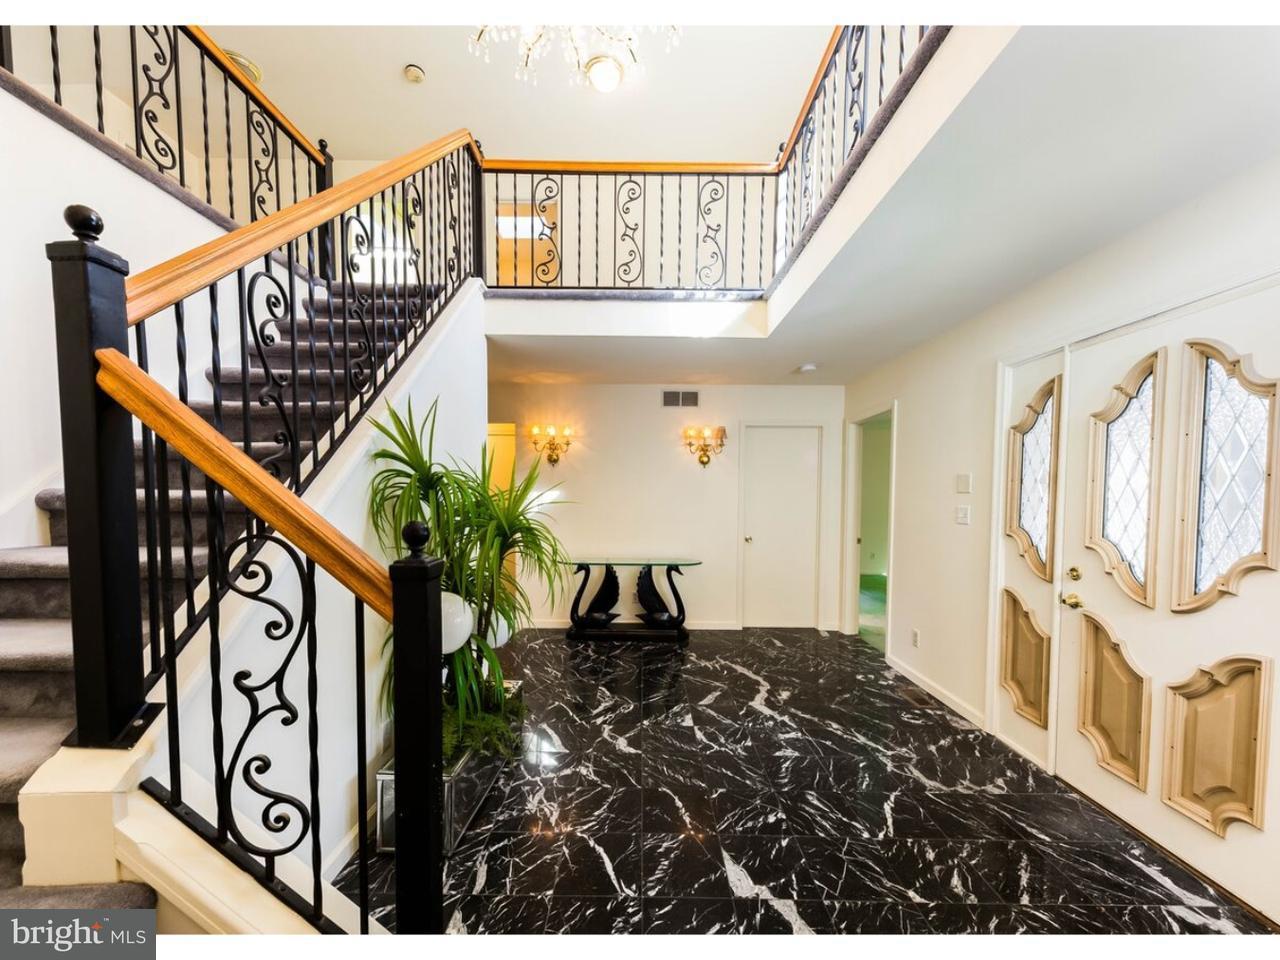 Μονοκατοικία για την Πώληση στο 28 HICKORY Drive Bridgeton, Νιου Τζερσεϋ 08302 Ηνωμενεσ Πολιτειεσ